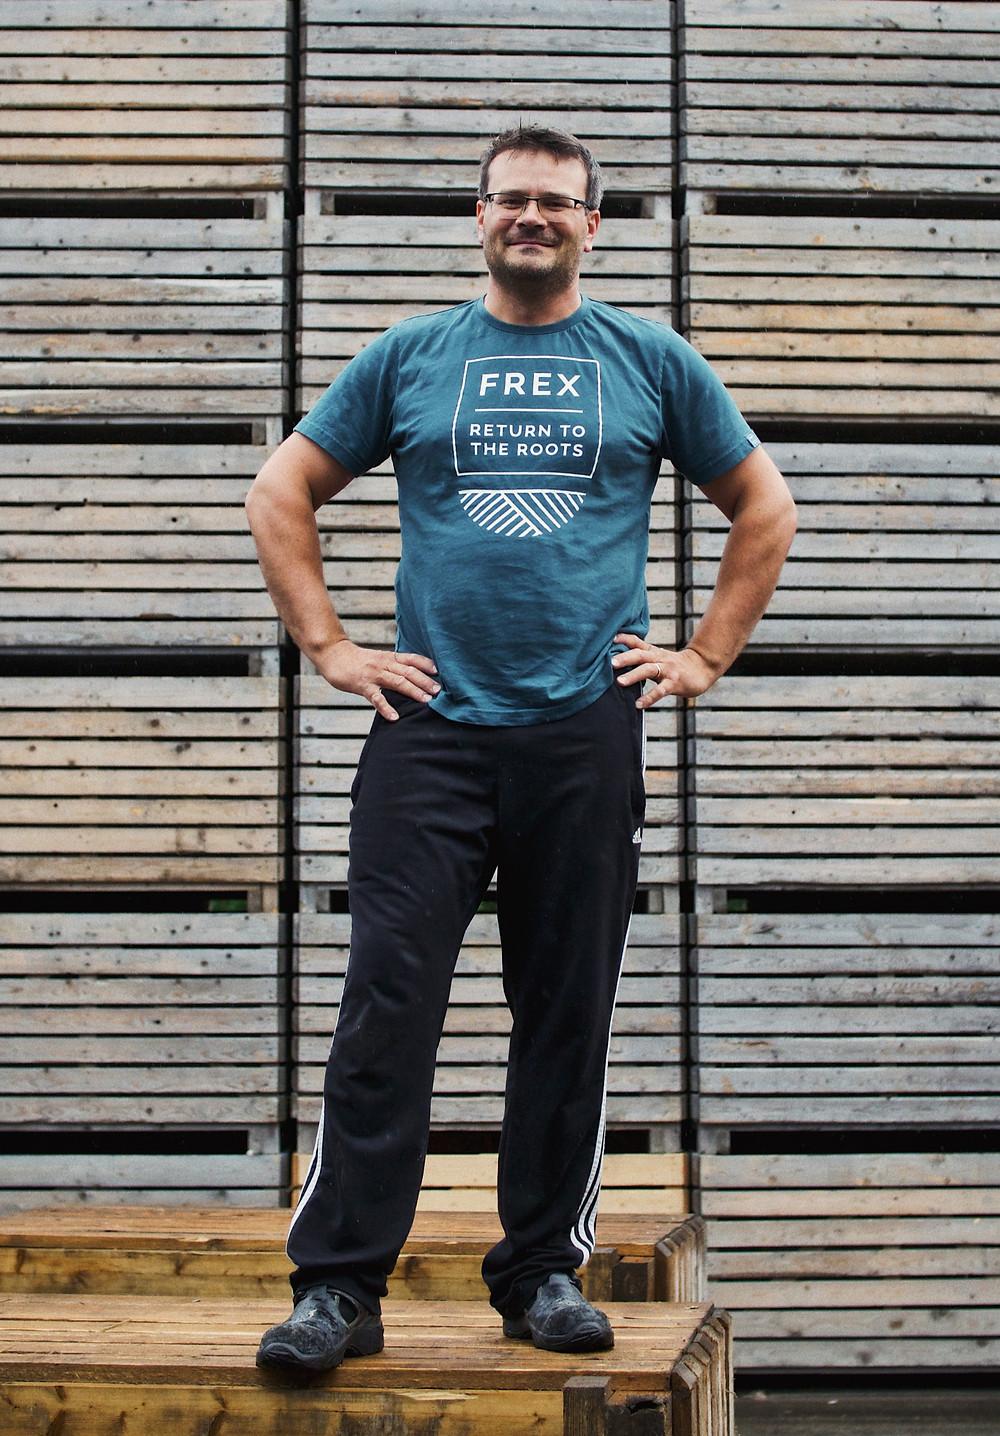 FREX-sopimusviljelijä Rami Lilja ja perunavarastolaatikot, joihin peruna laatikoidaan ennen pakkaamolle lähettämistä.